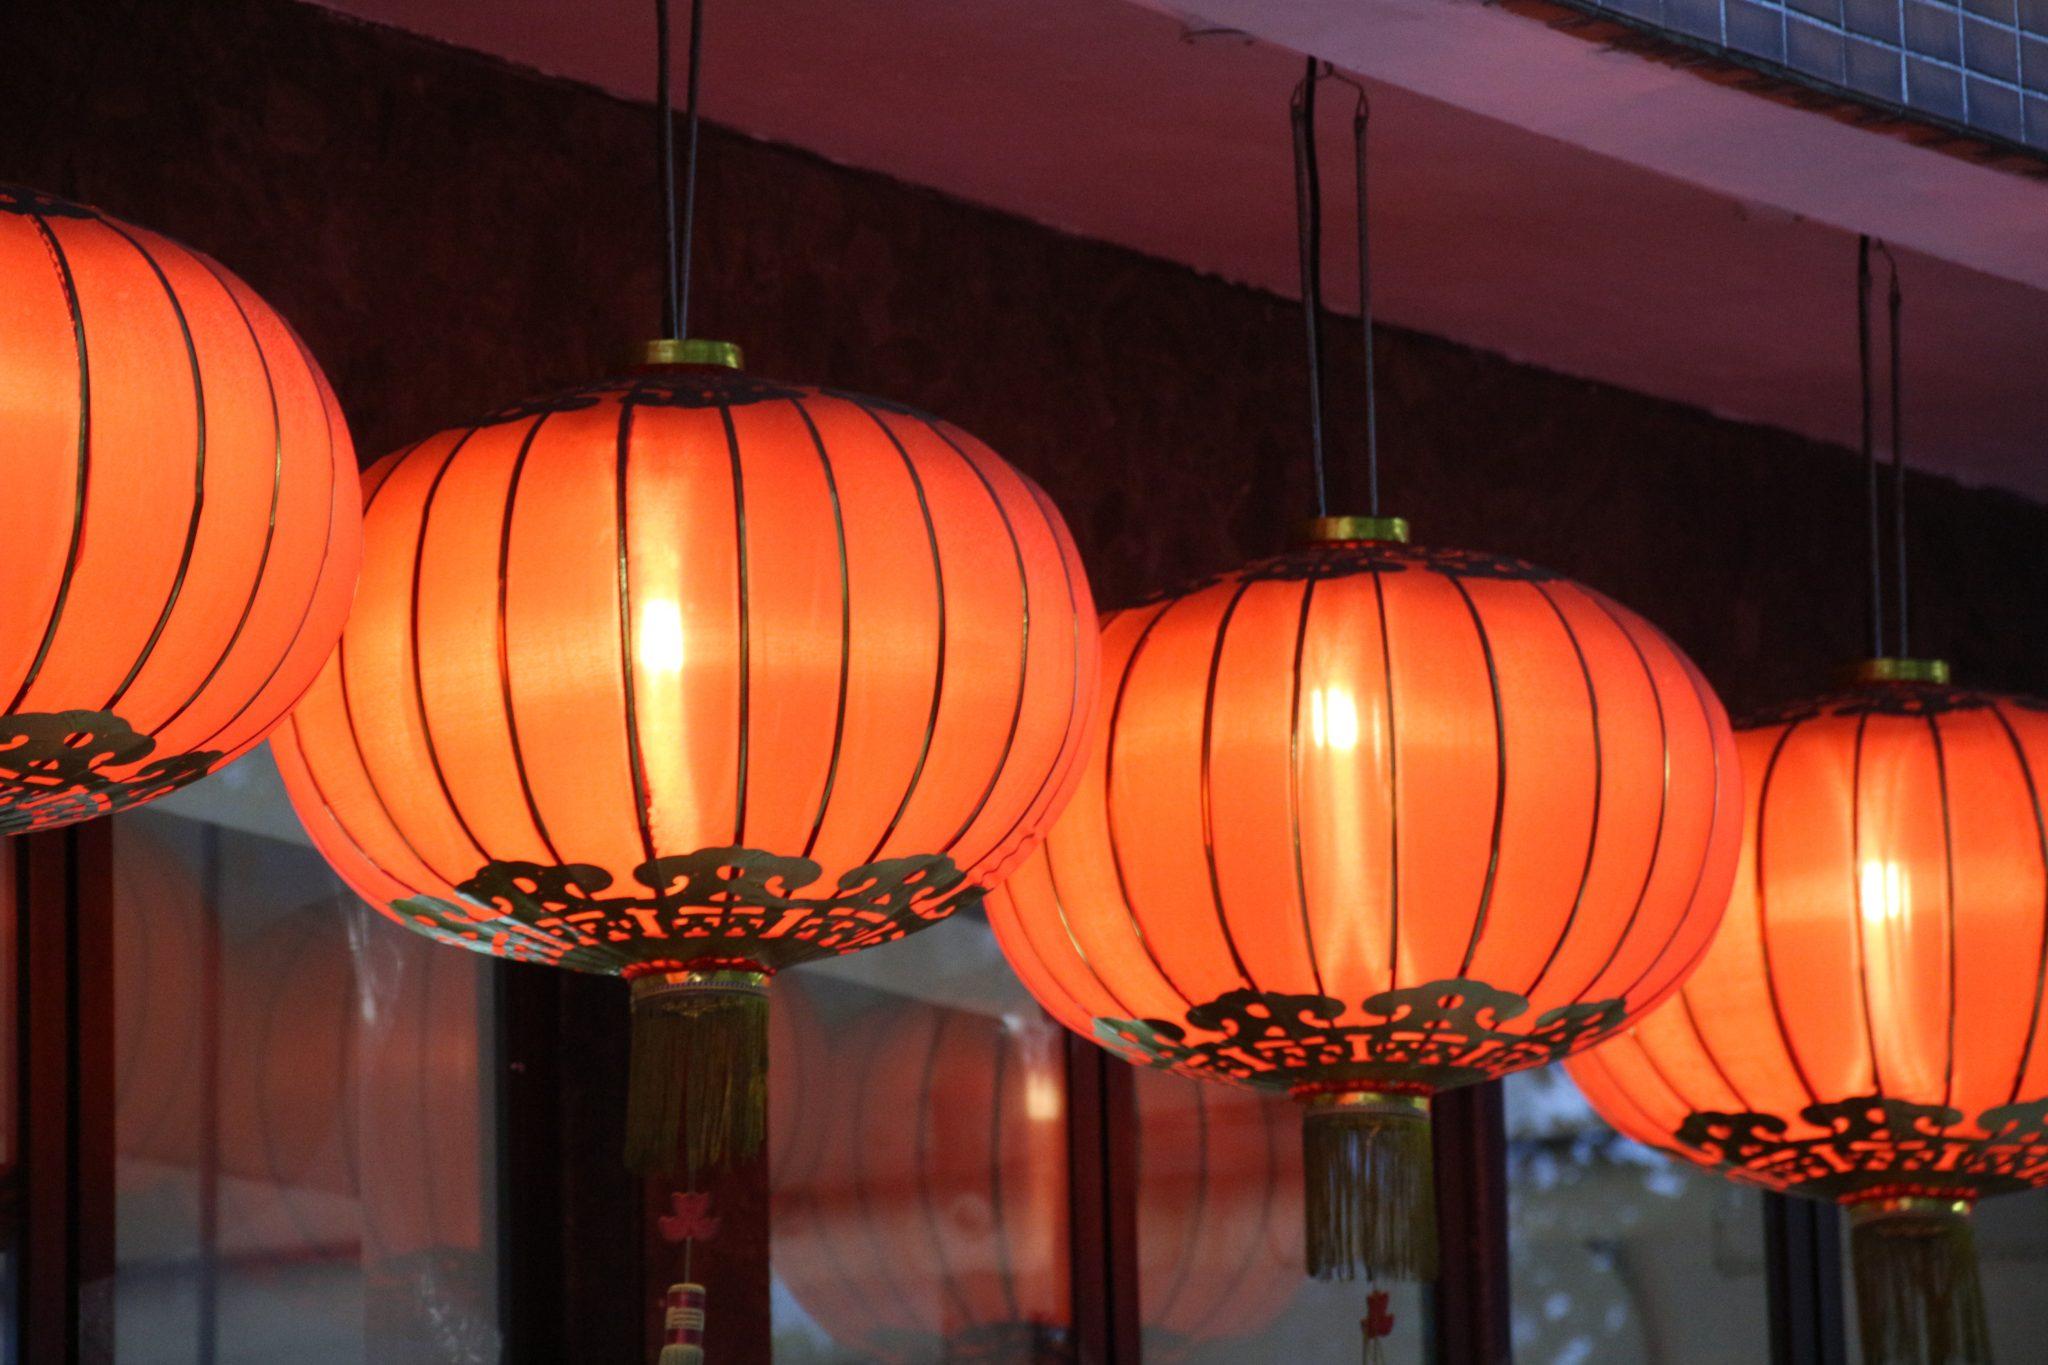 Lanterns in Hong Kong